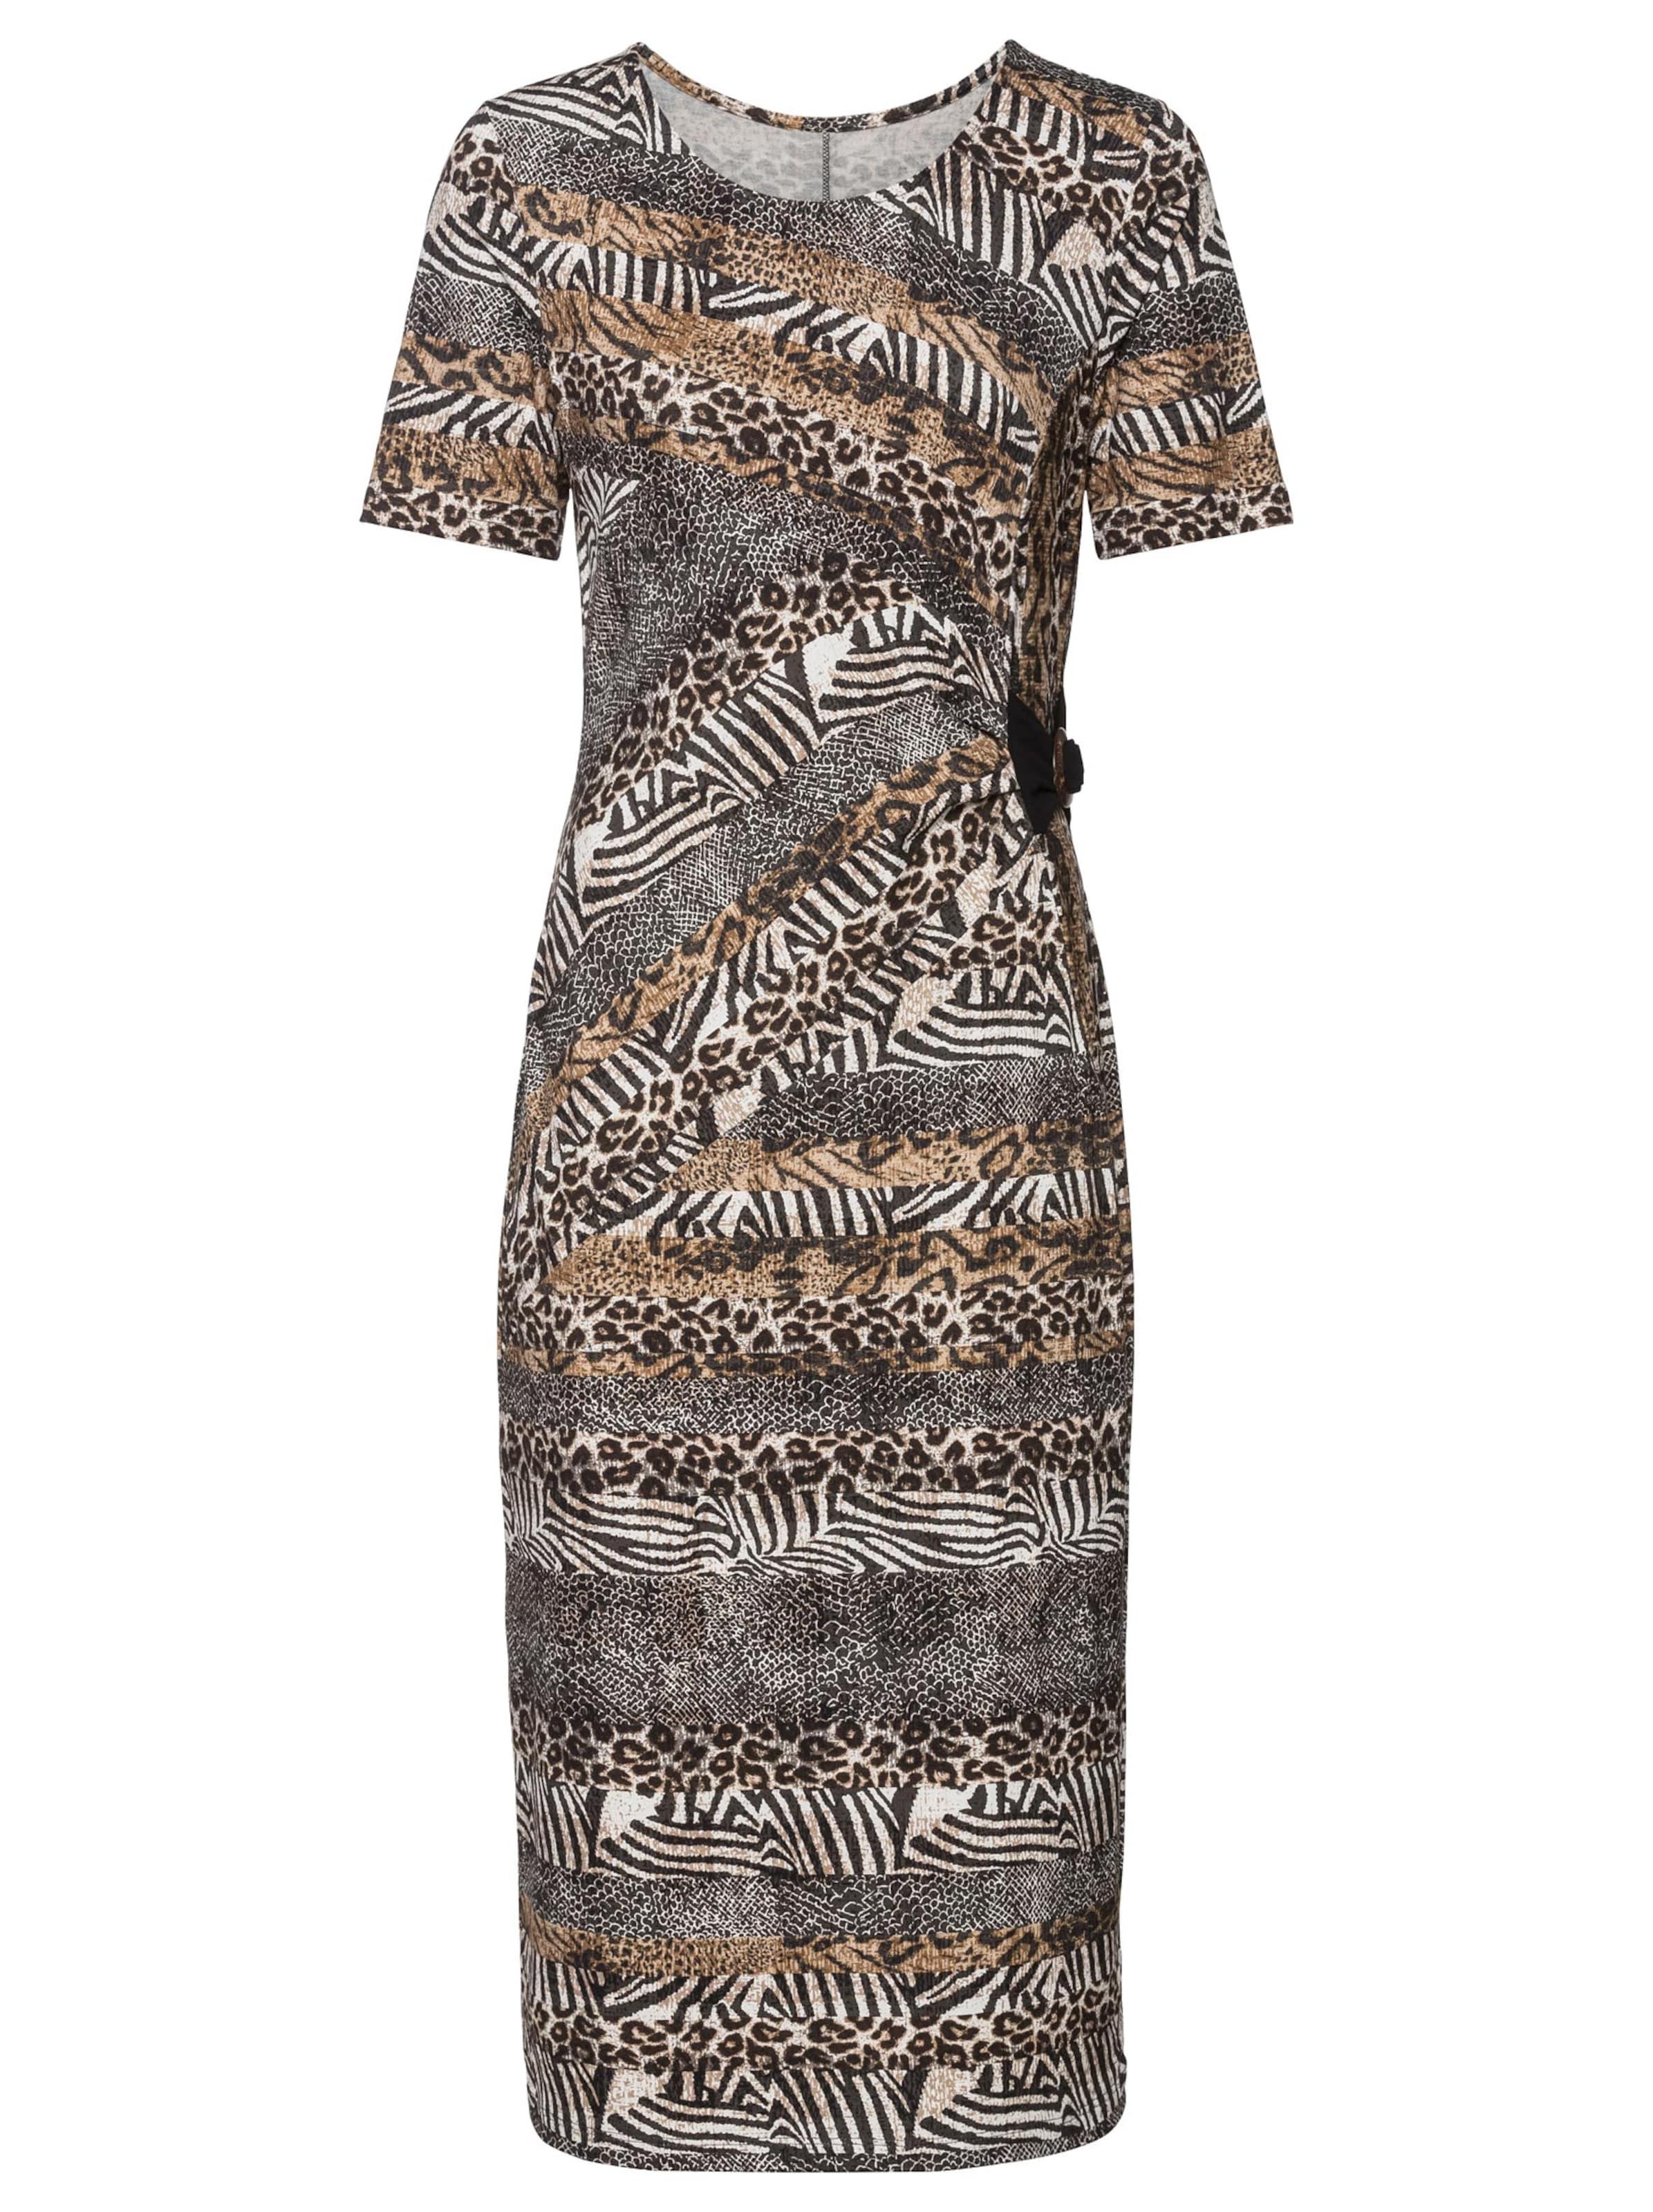 witt weiden -  Damen Jersey-Kleid camel-ecru-bedruckt